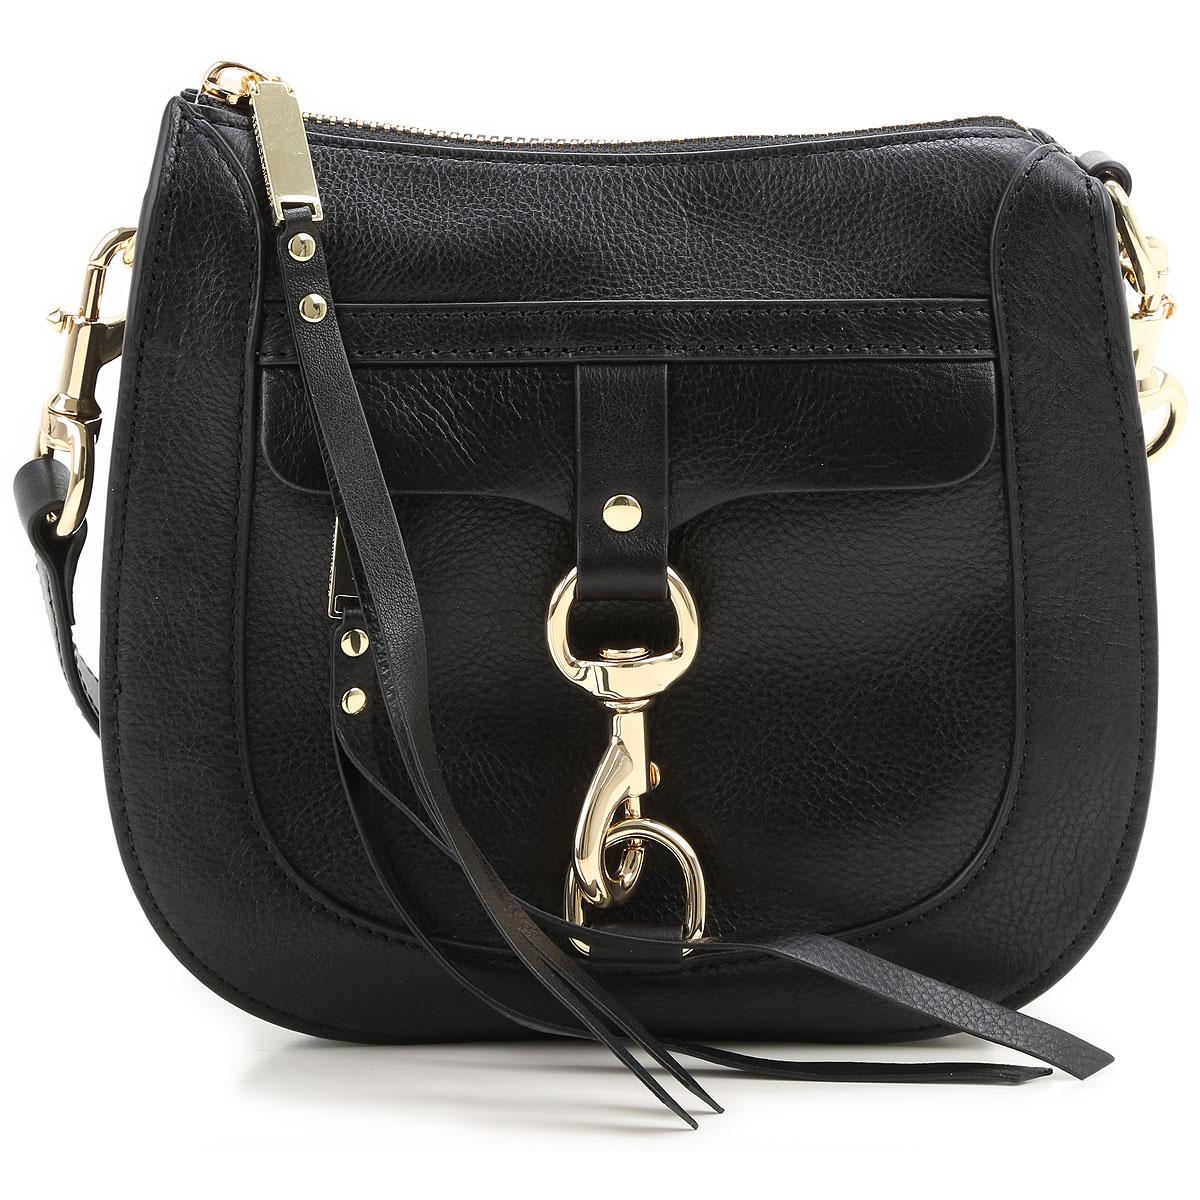 Rebecca Minkoff Shoulder Bag for Women On Sale, Navy Blue, Leather, 2017 USA-363029